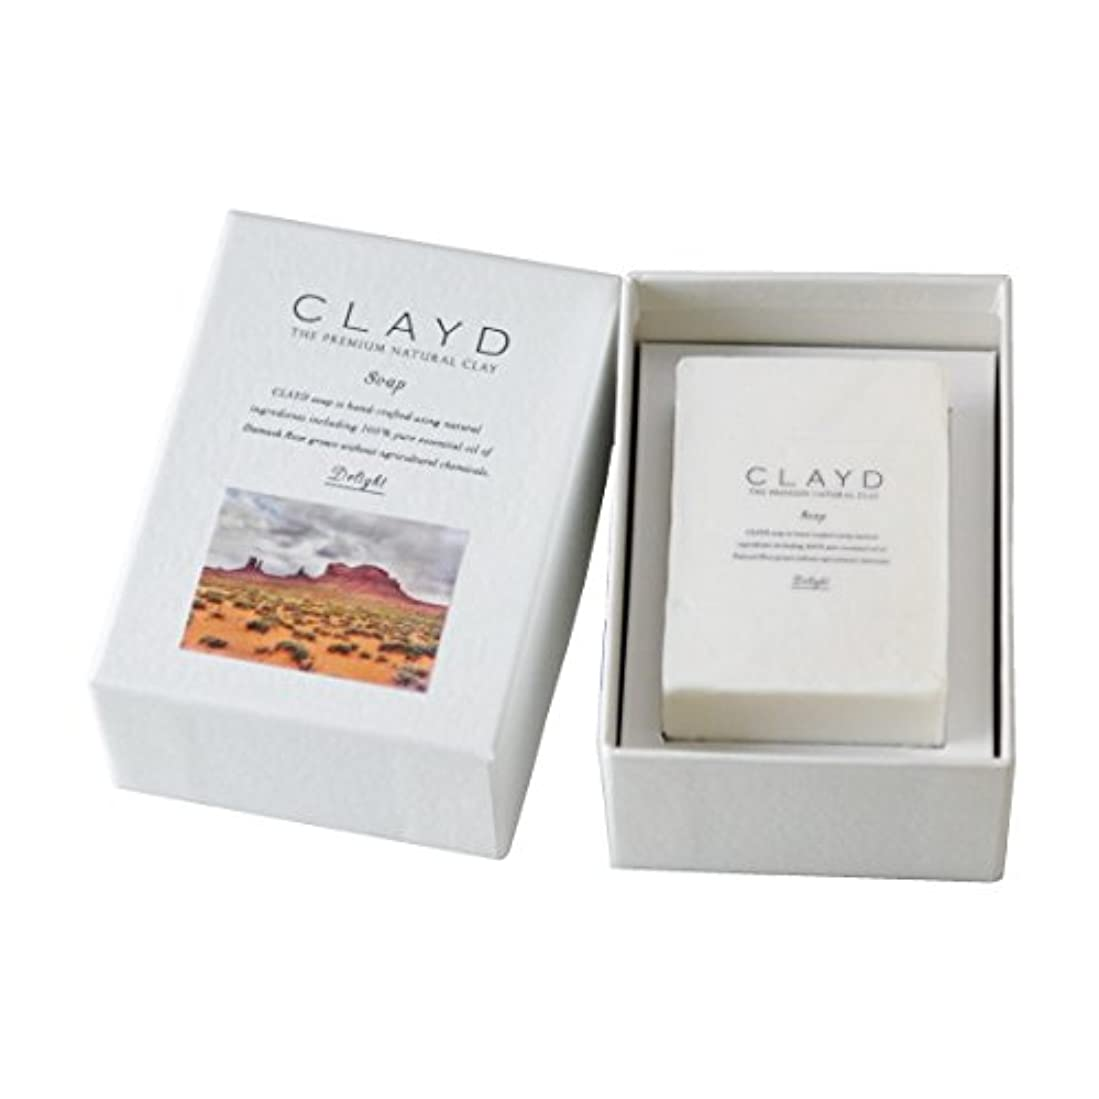 最近砂利寄託CLAYD SOAP -Damask Rose-(クレイド ソープ ダマスクローズ)